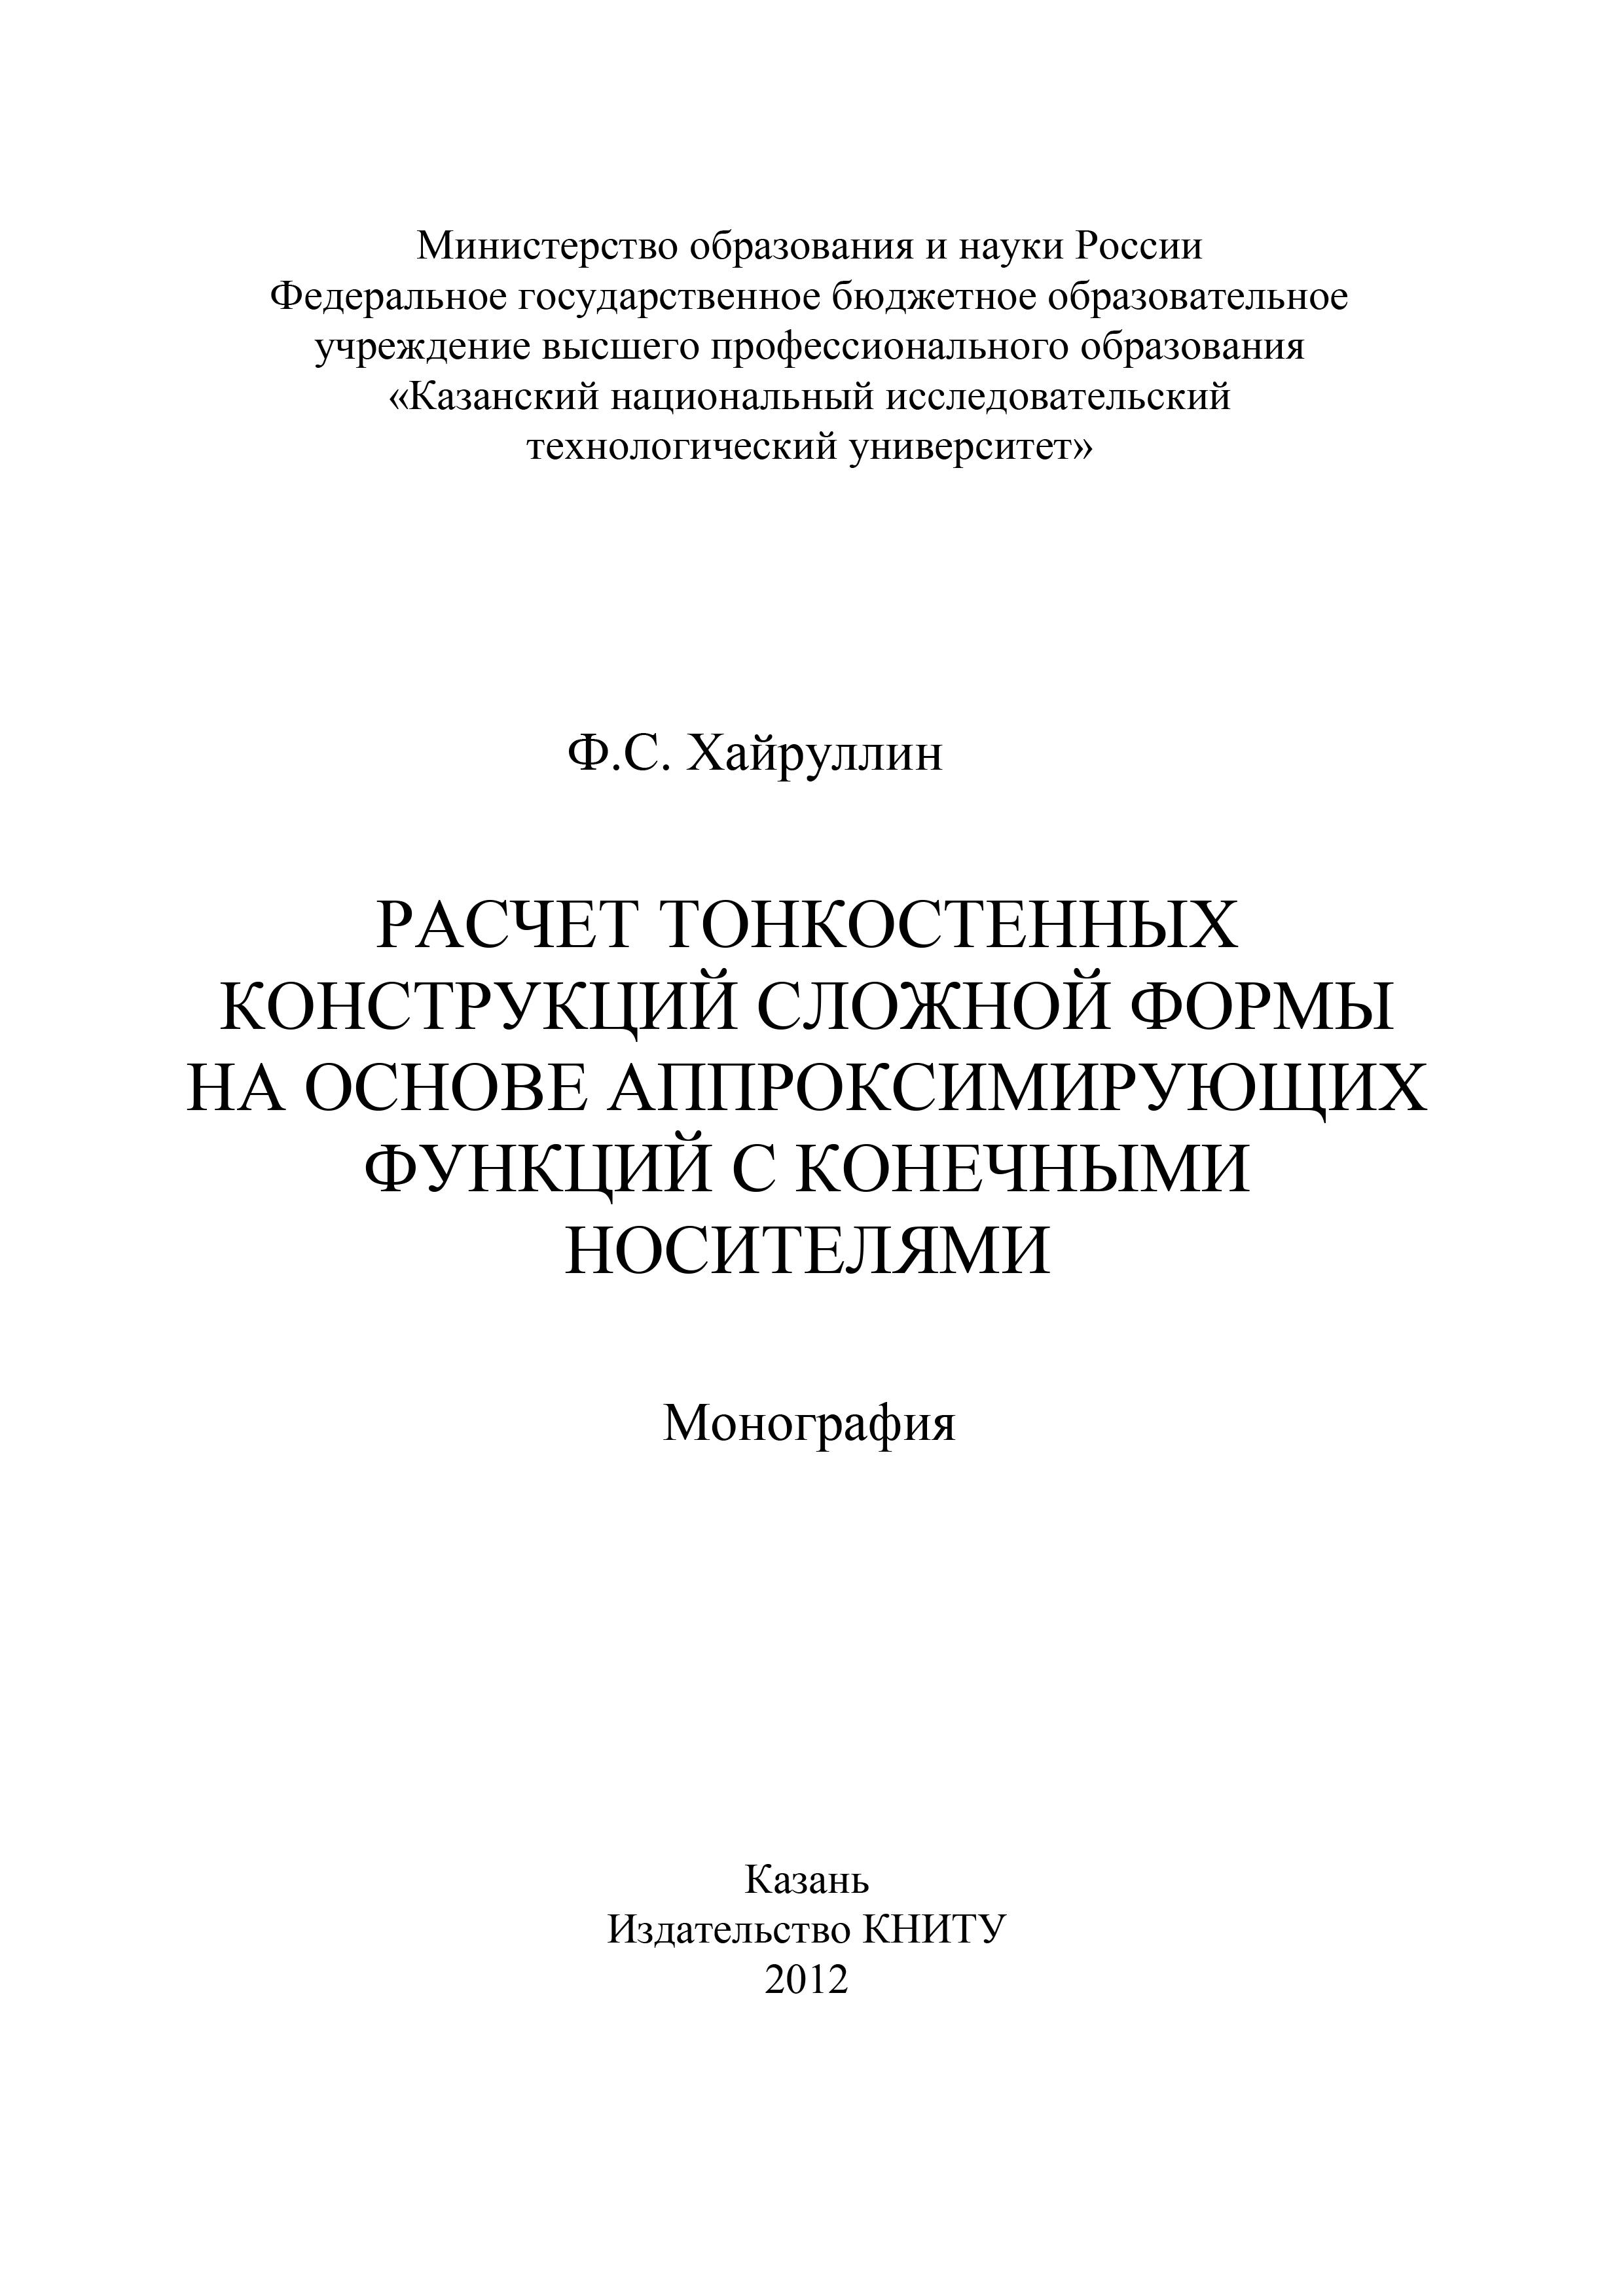 Ф. Хайруллин Расчет тонкостенных конструкций сложной формы на основе аппроксинирующих функций с конечными носителями